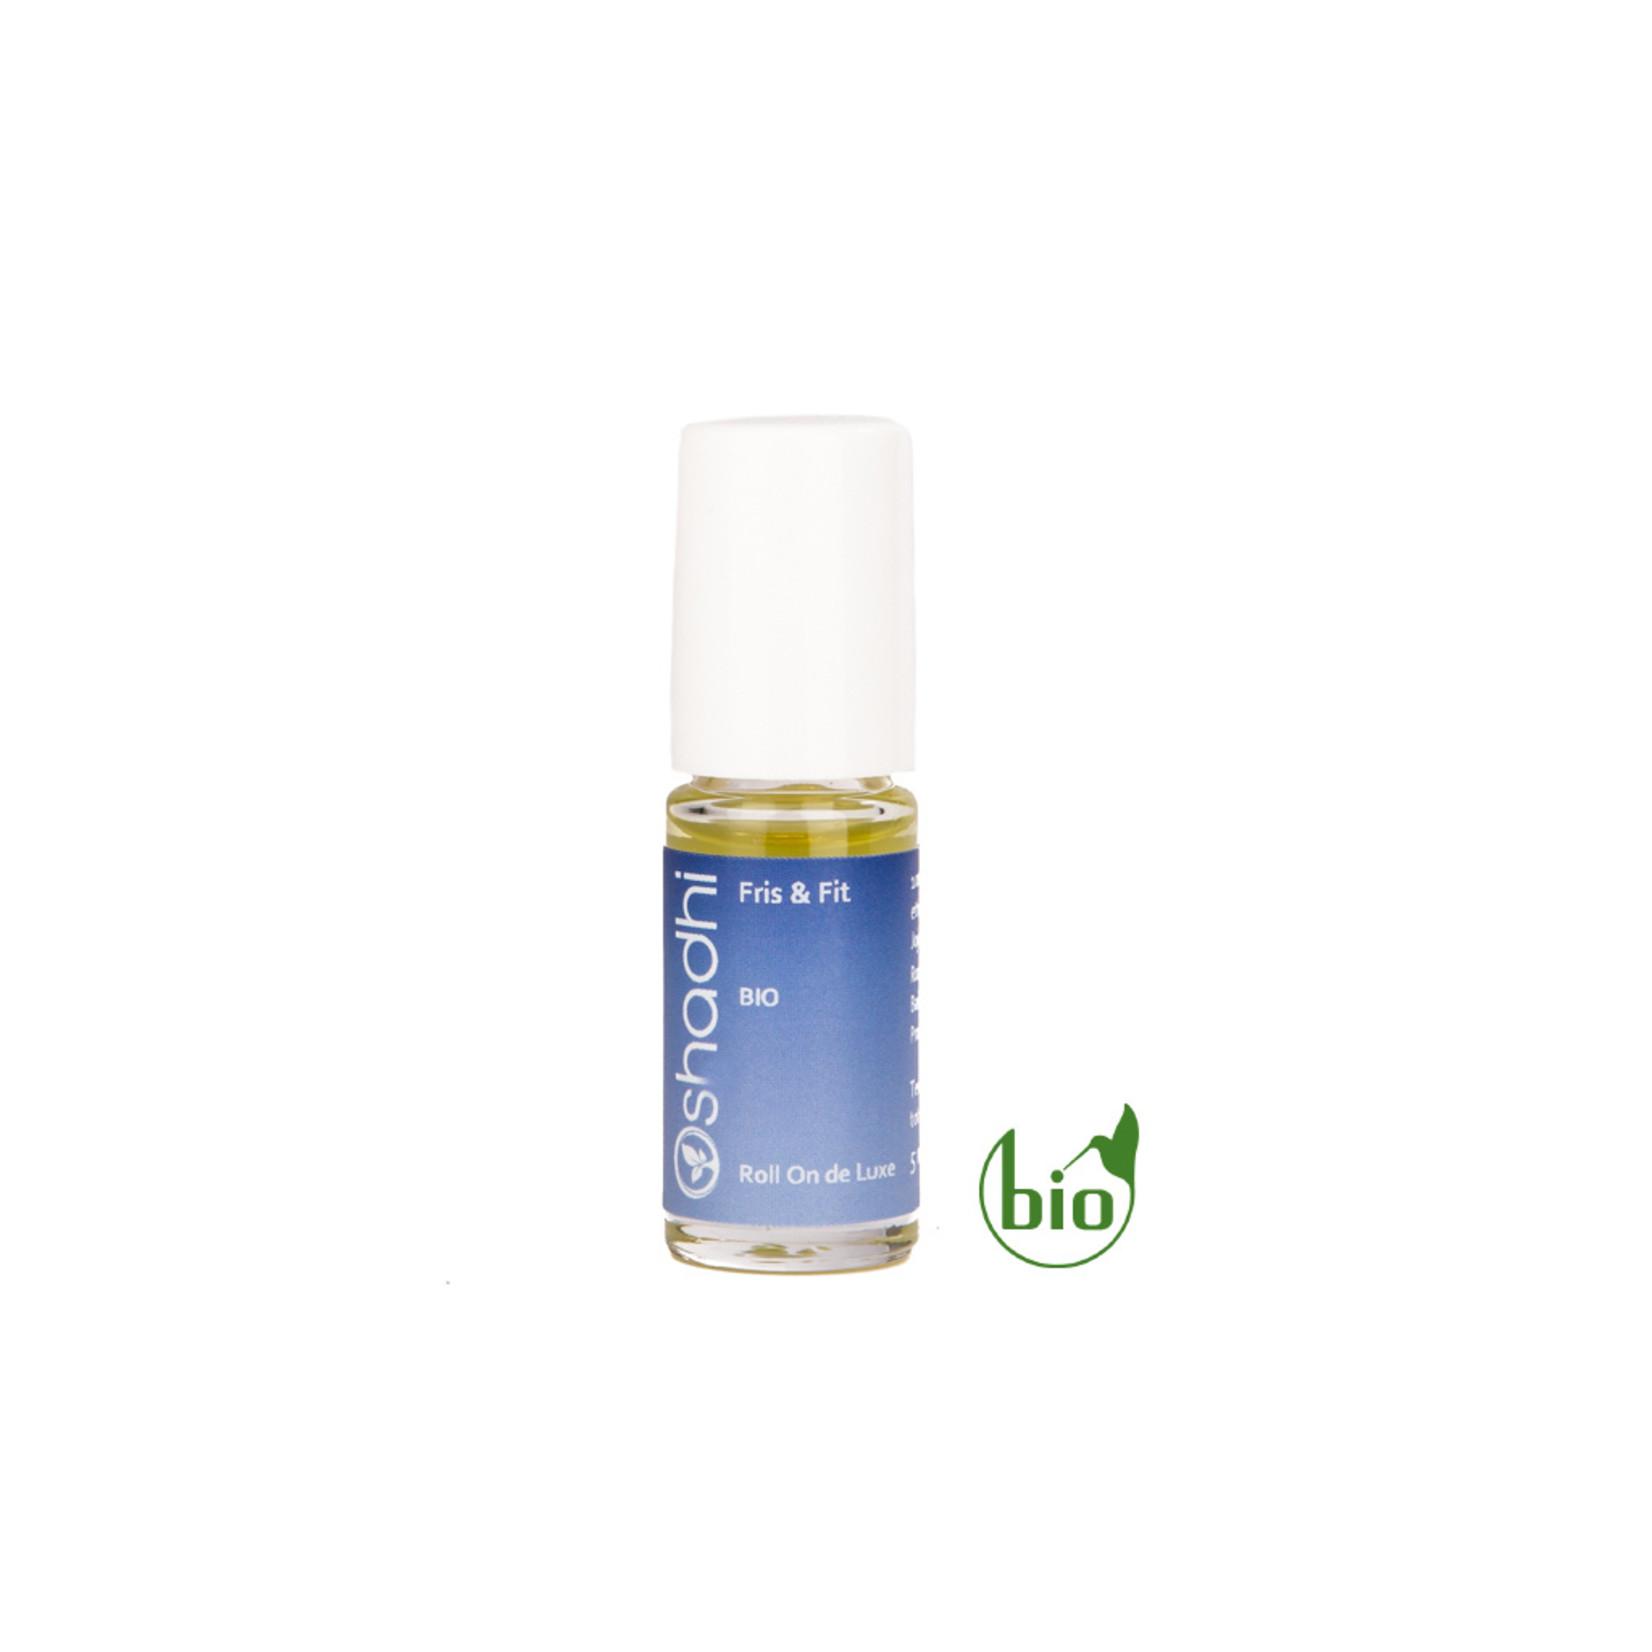 Oshadhi Fris & fit aromaroller Oshadhi - verzacht hoofdpijn en dipjes doorheen de dag - 5ml